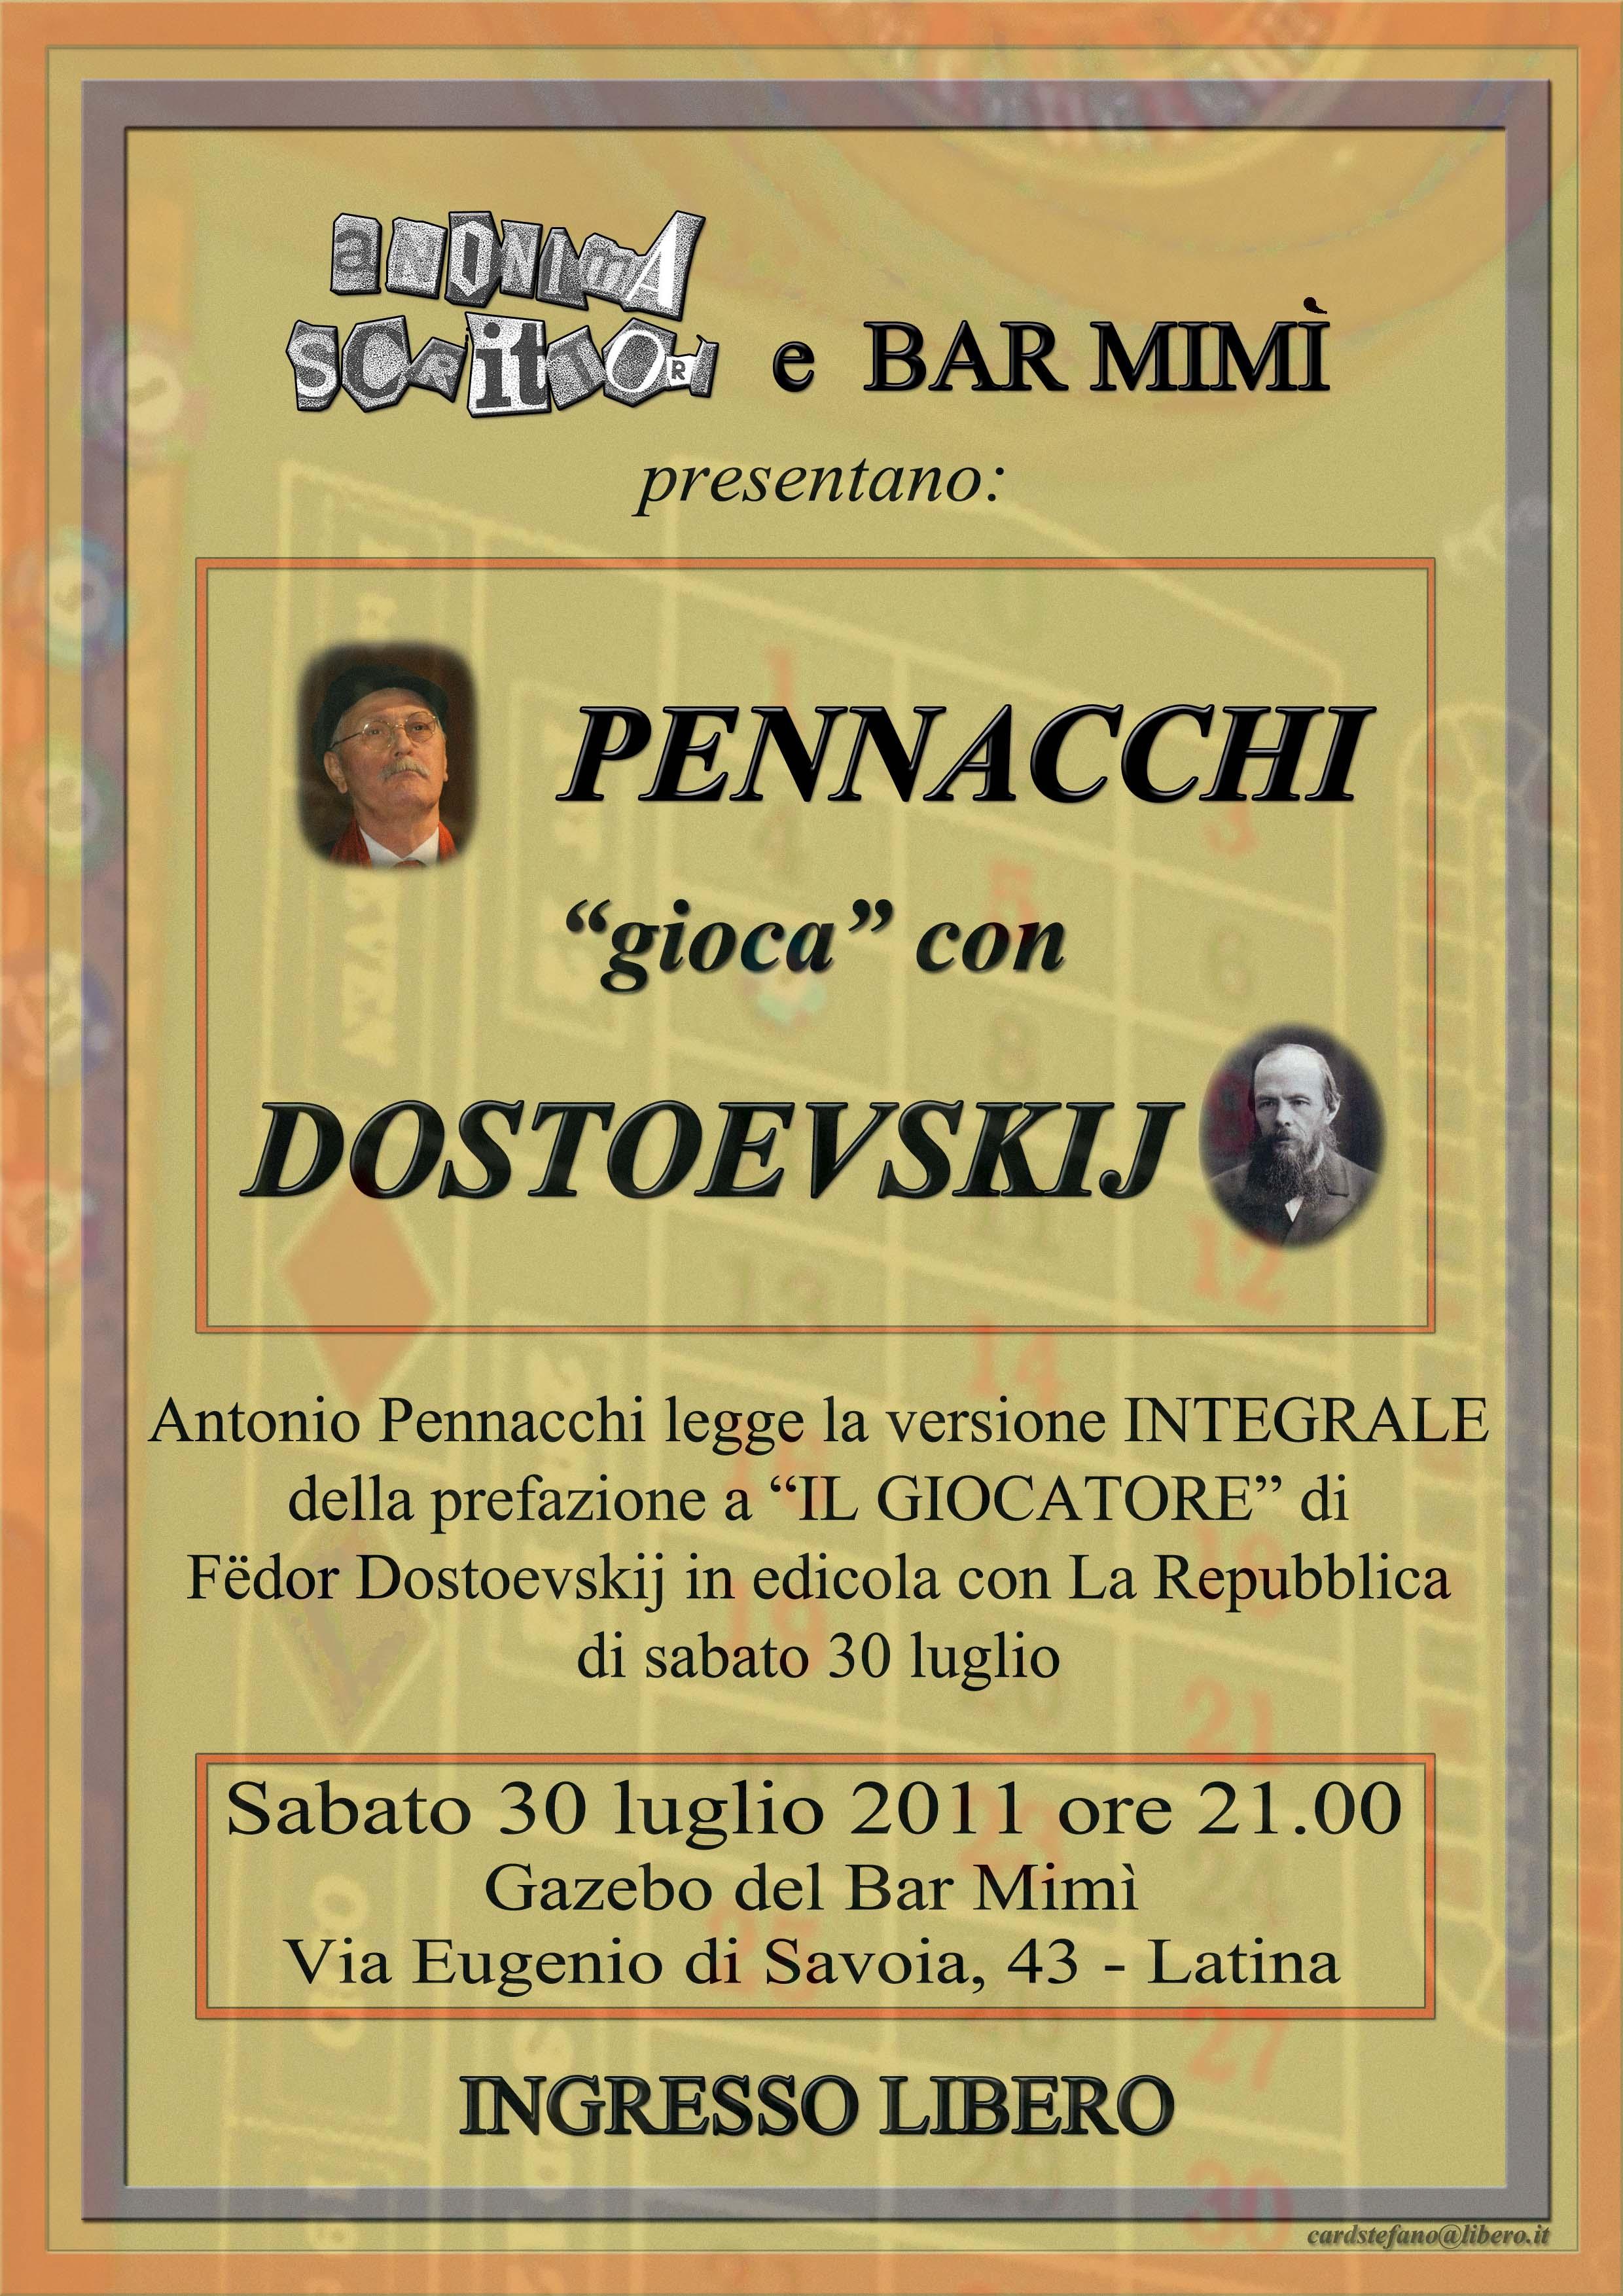 Pennacchi gioca con Dostoevskij